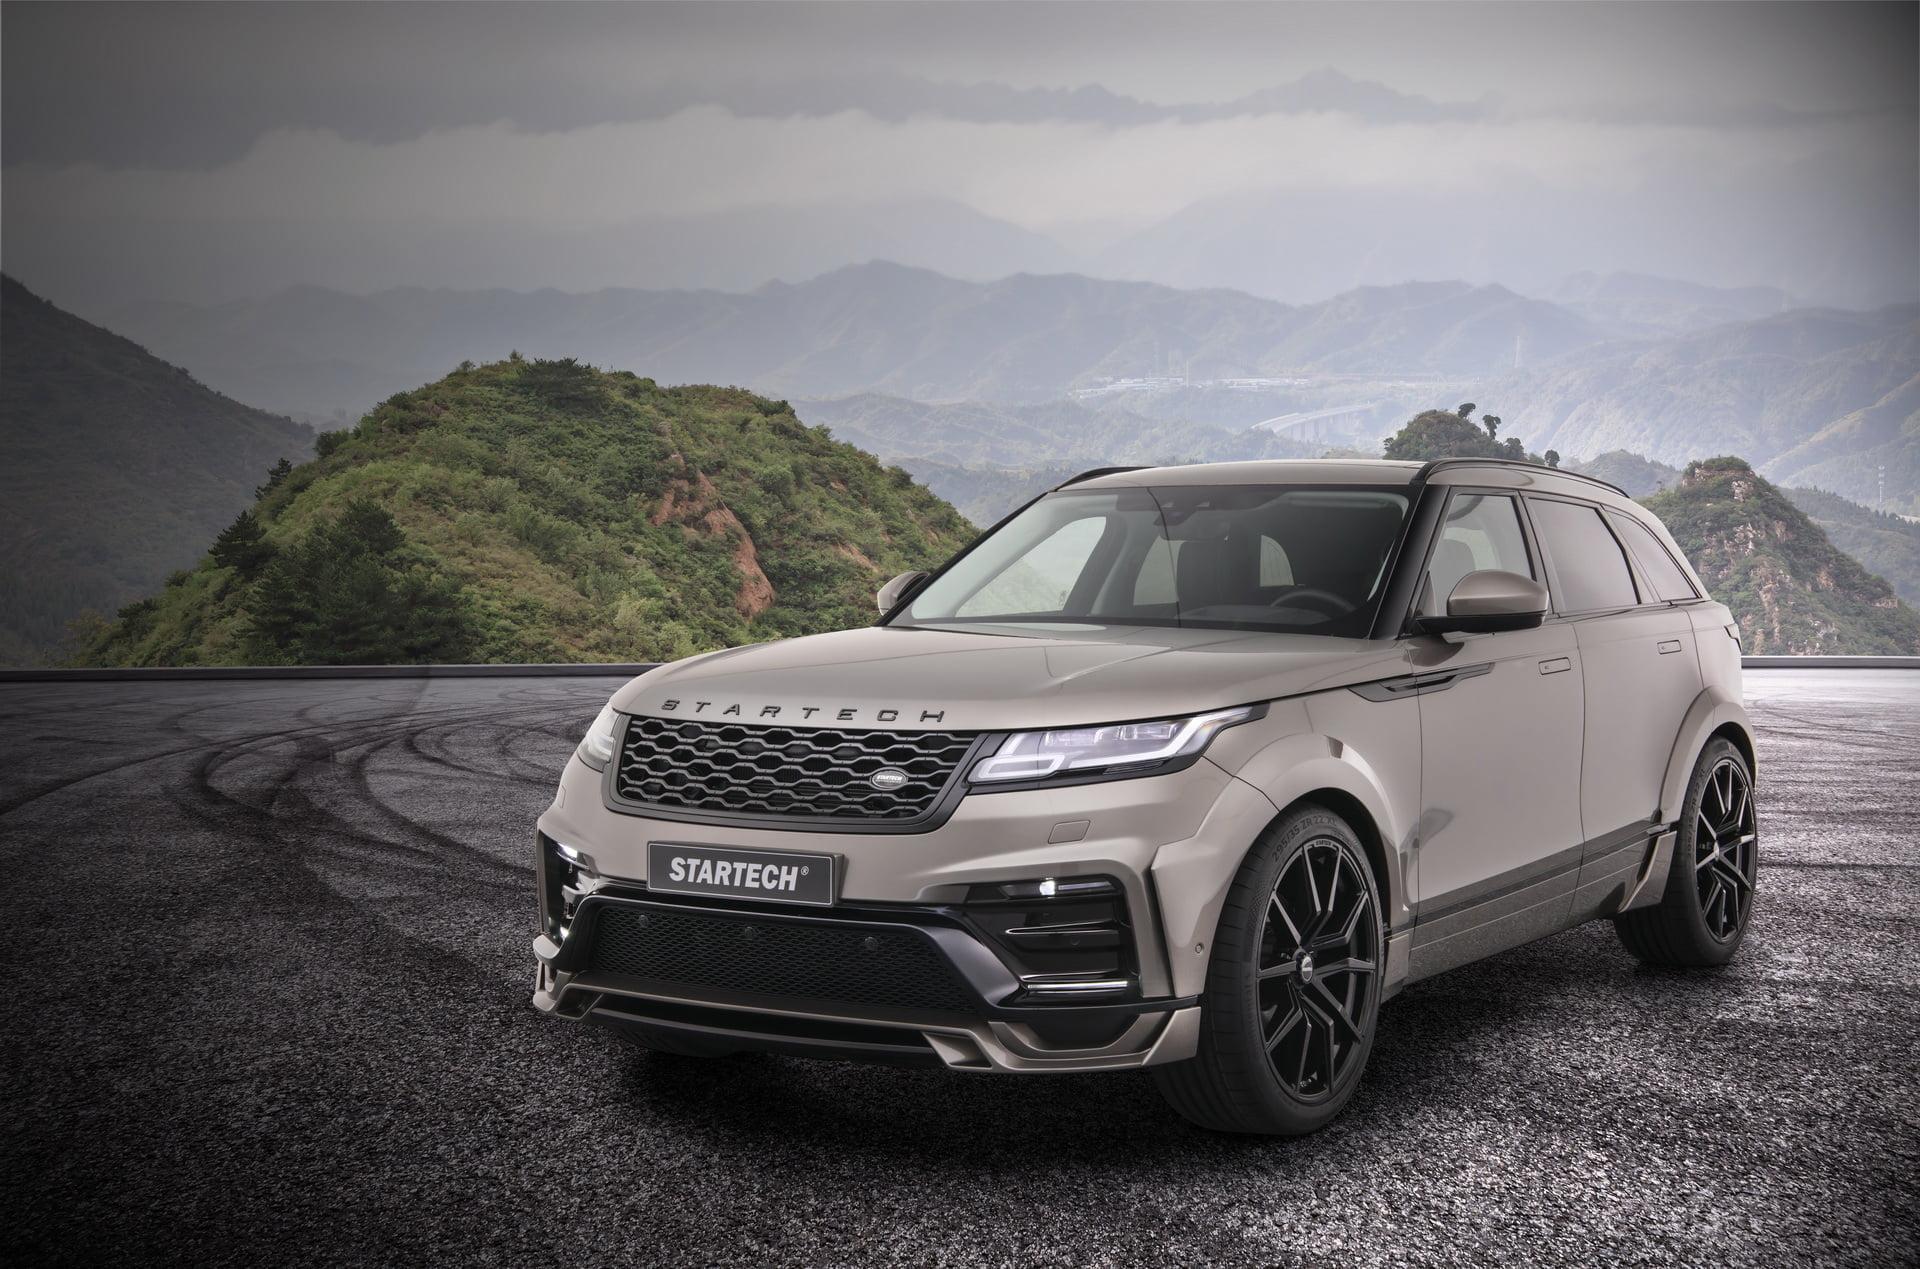 Range Rover Velar - STARTECH Body Kit